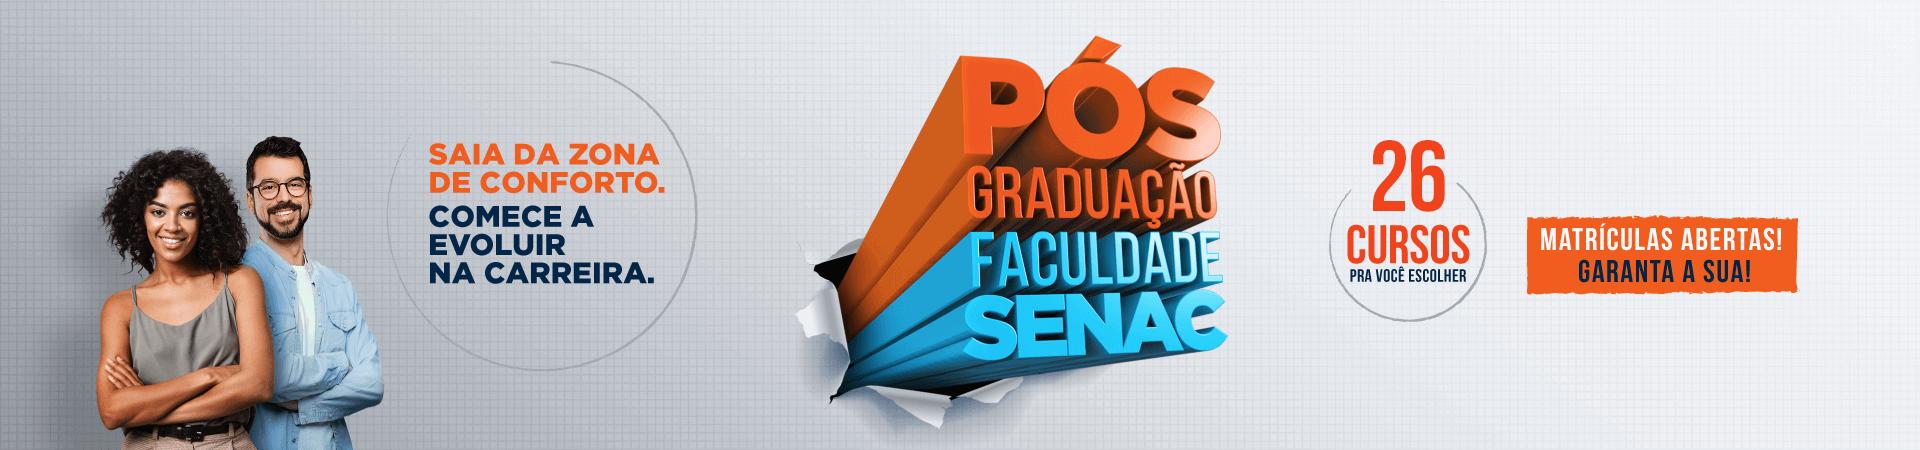 pos_26_cursos